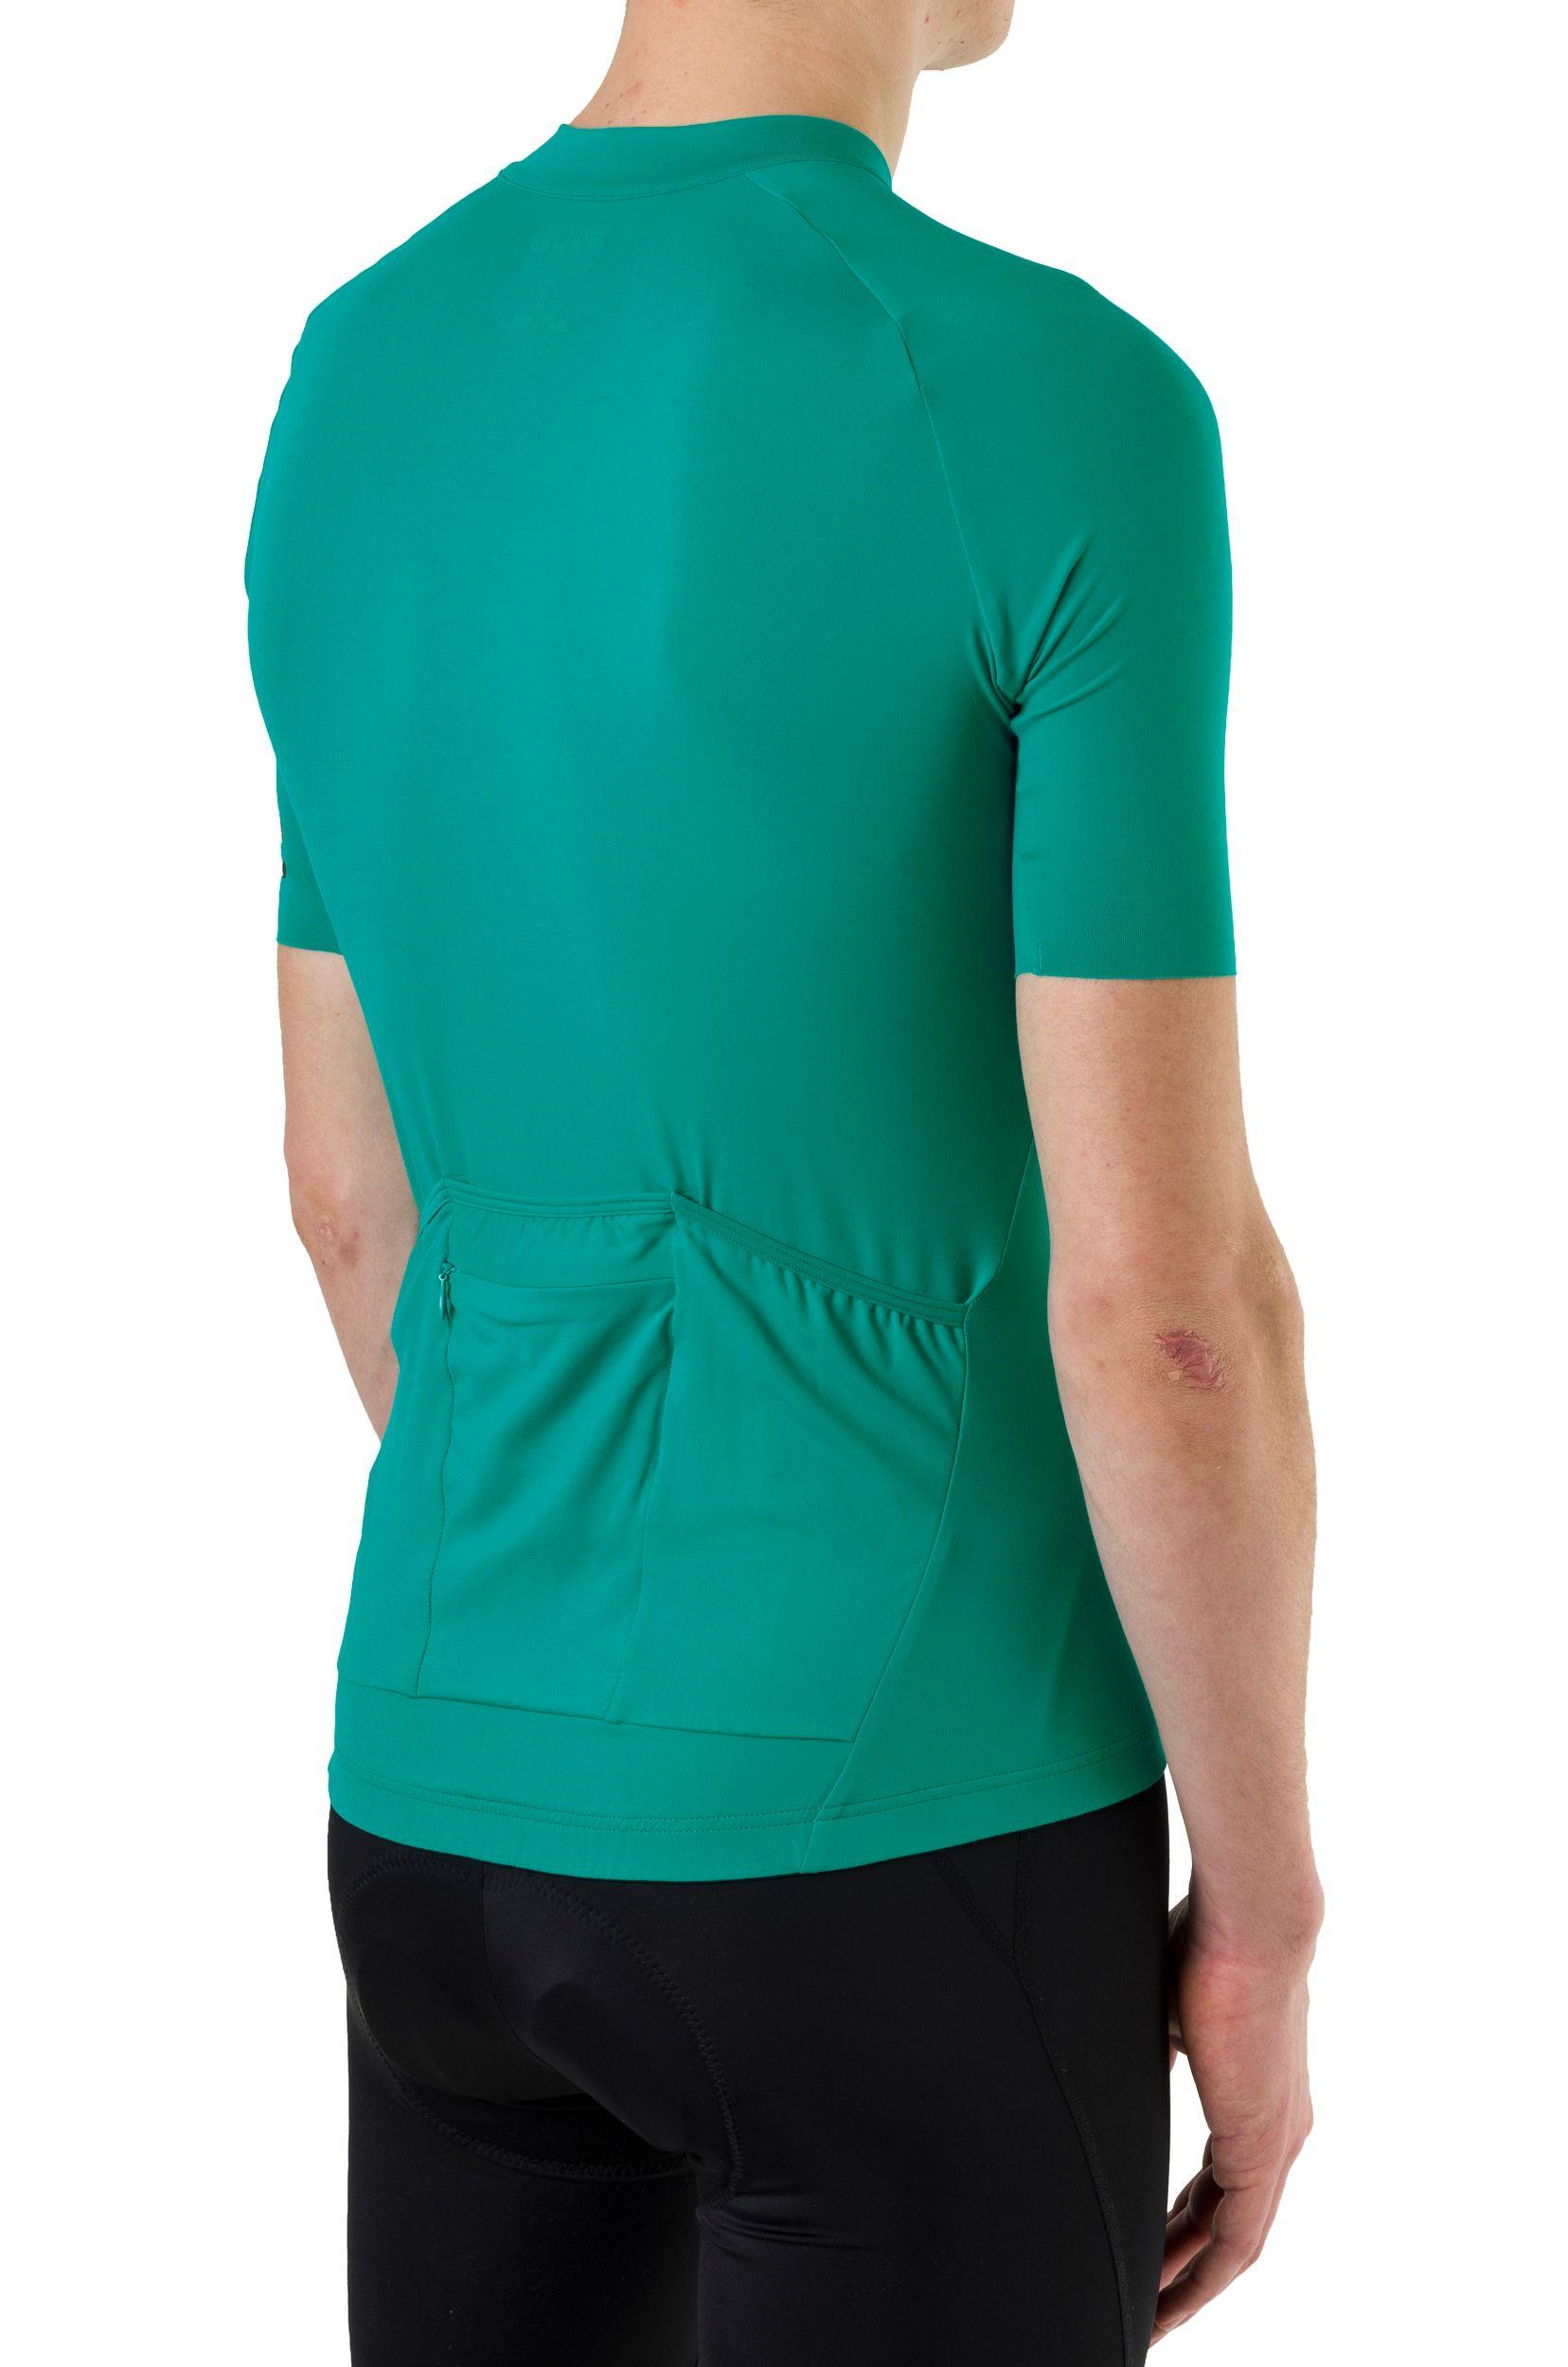 Solid Fietsshirt Trend Heren fit example